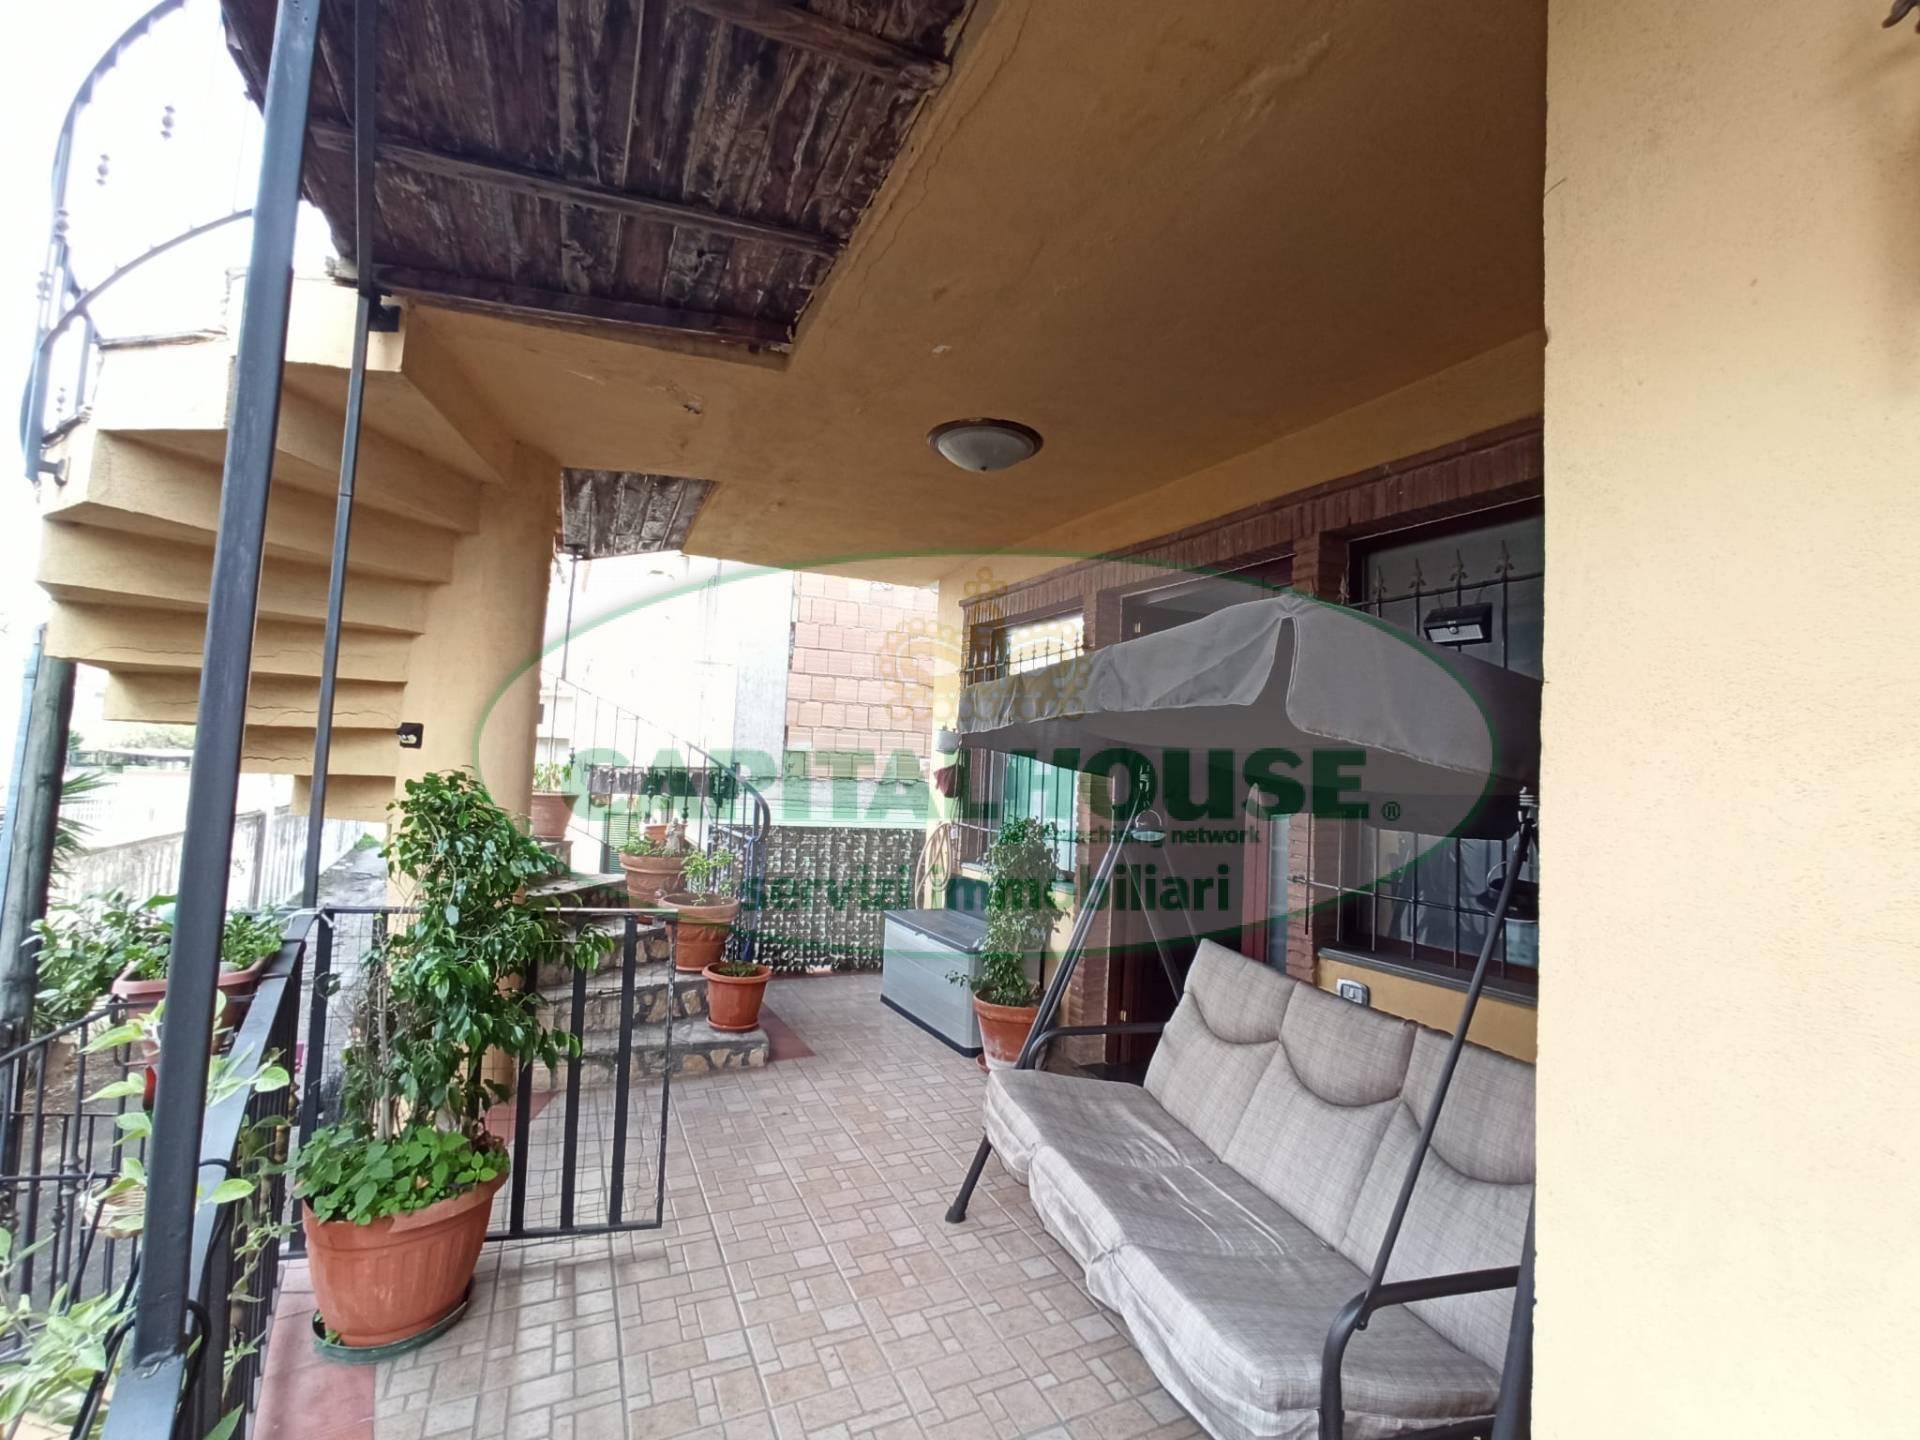 Appartamento in vendita a Ottaviano, 5 locali, prezzo € 142.000 | PortaleAgenzieImmobiliari.it